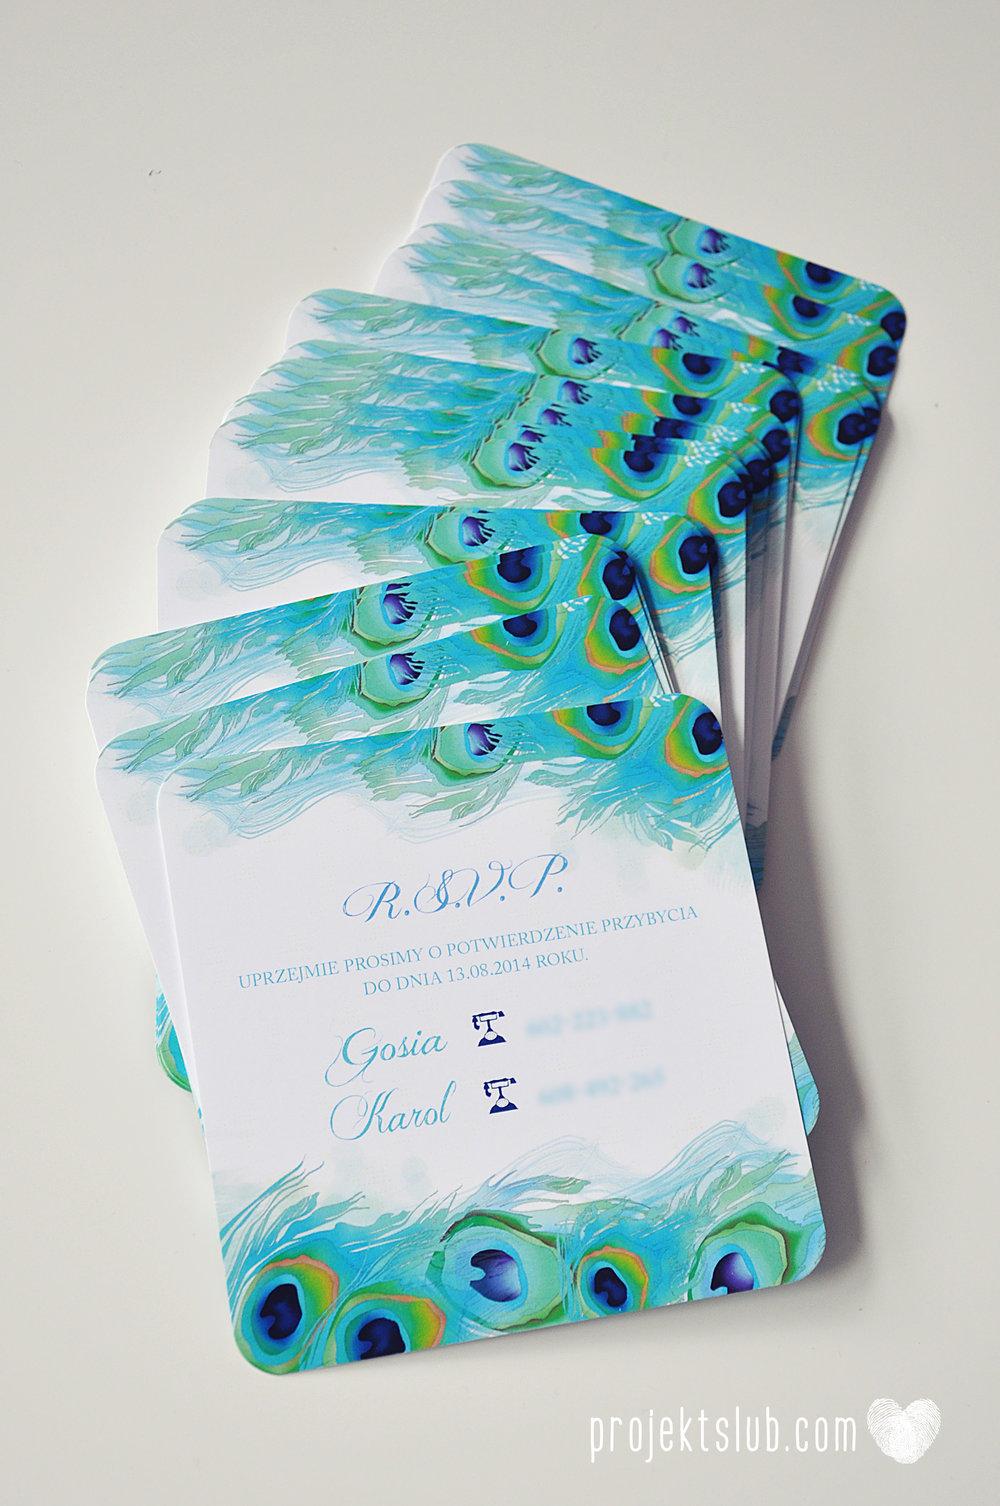 oryginalne zaproszenia i dodatki ślubne pawie oczko turkus granat biel elegancka papeteria projekt ślub (21).JPG